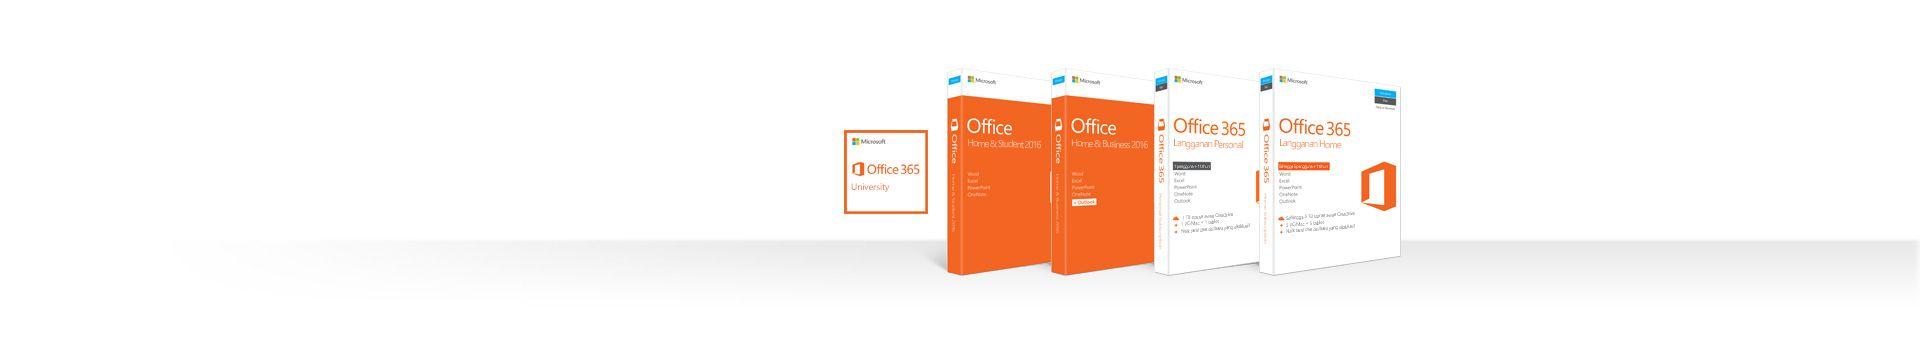 Sebaris kotak produk Office 2016 dan Office 365 untuk Mac